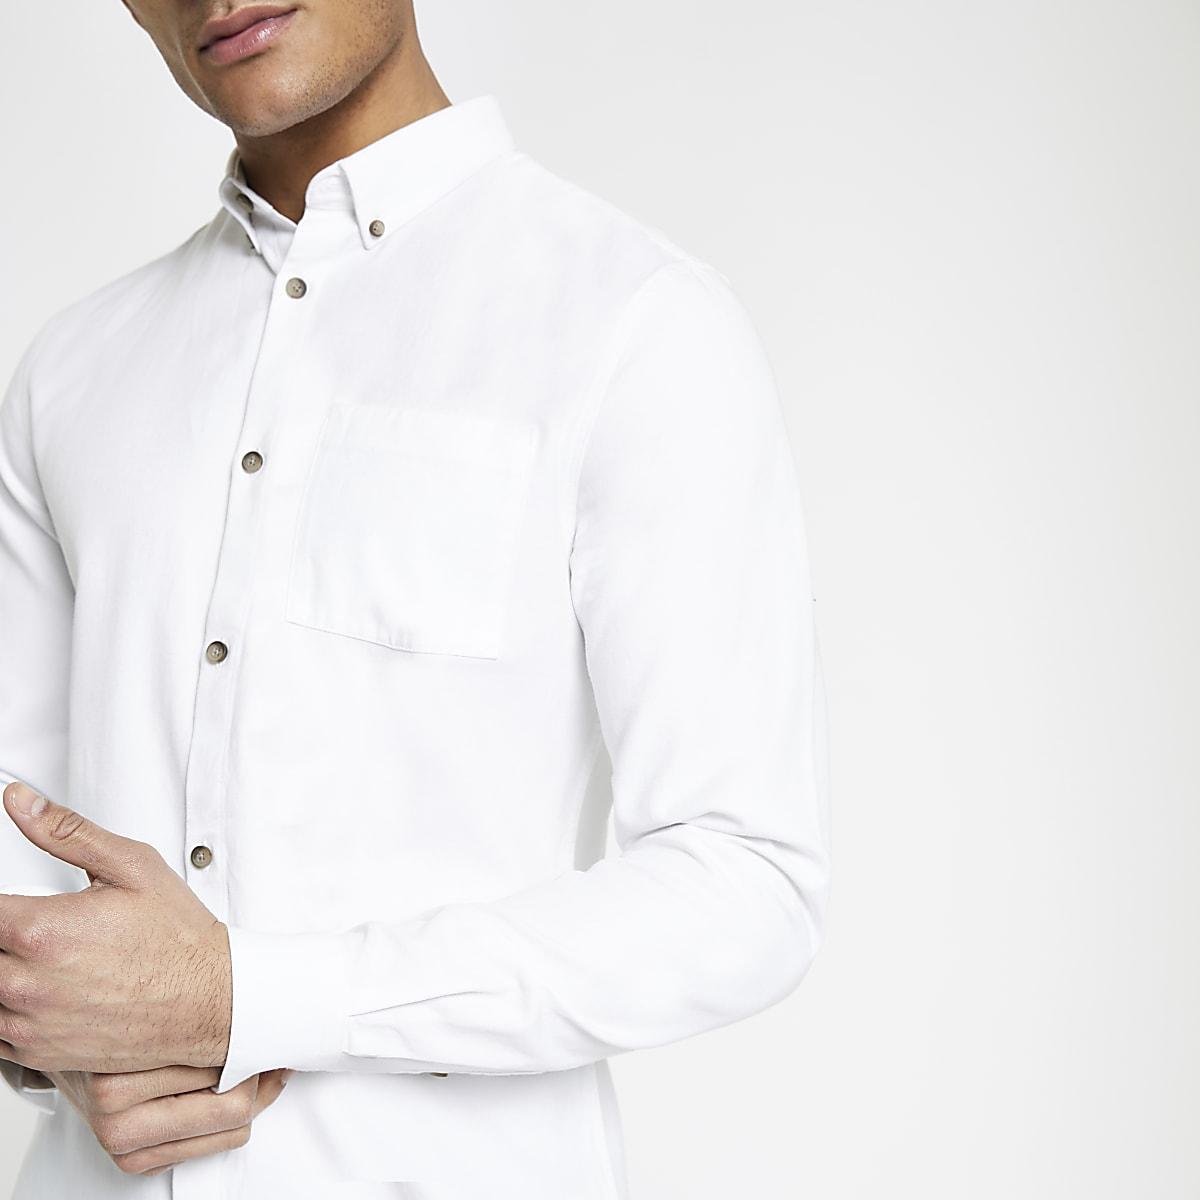 Overhemd Lyocell Slim Fit Lange Borstzak Met Wit Overhemden 7yfYb6gv